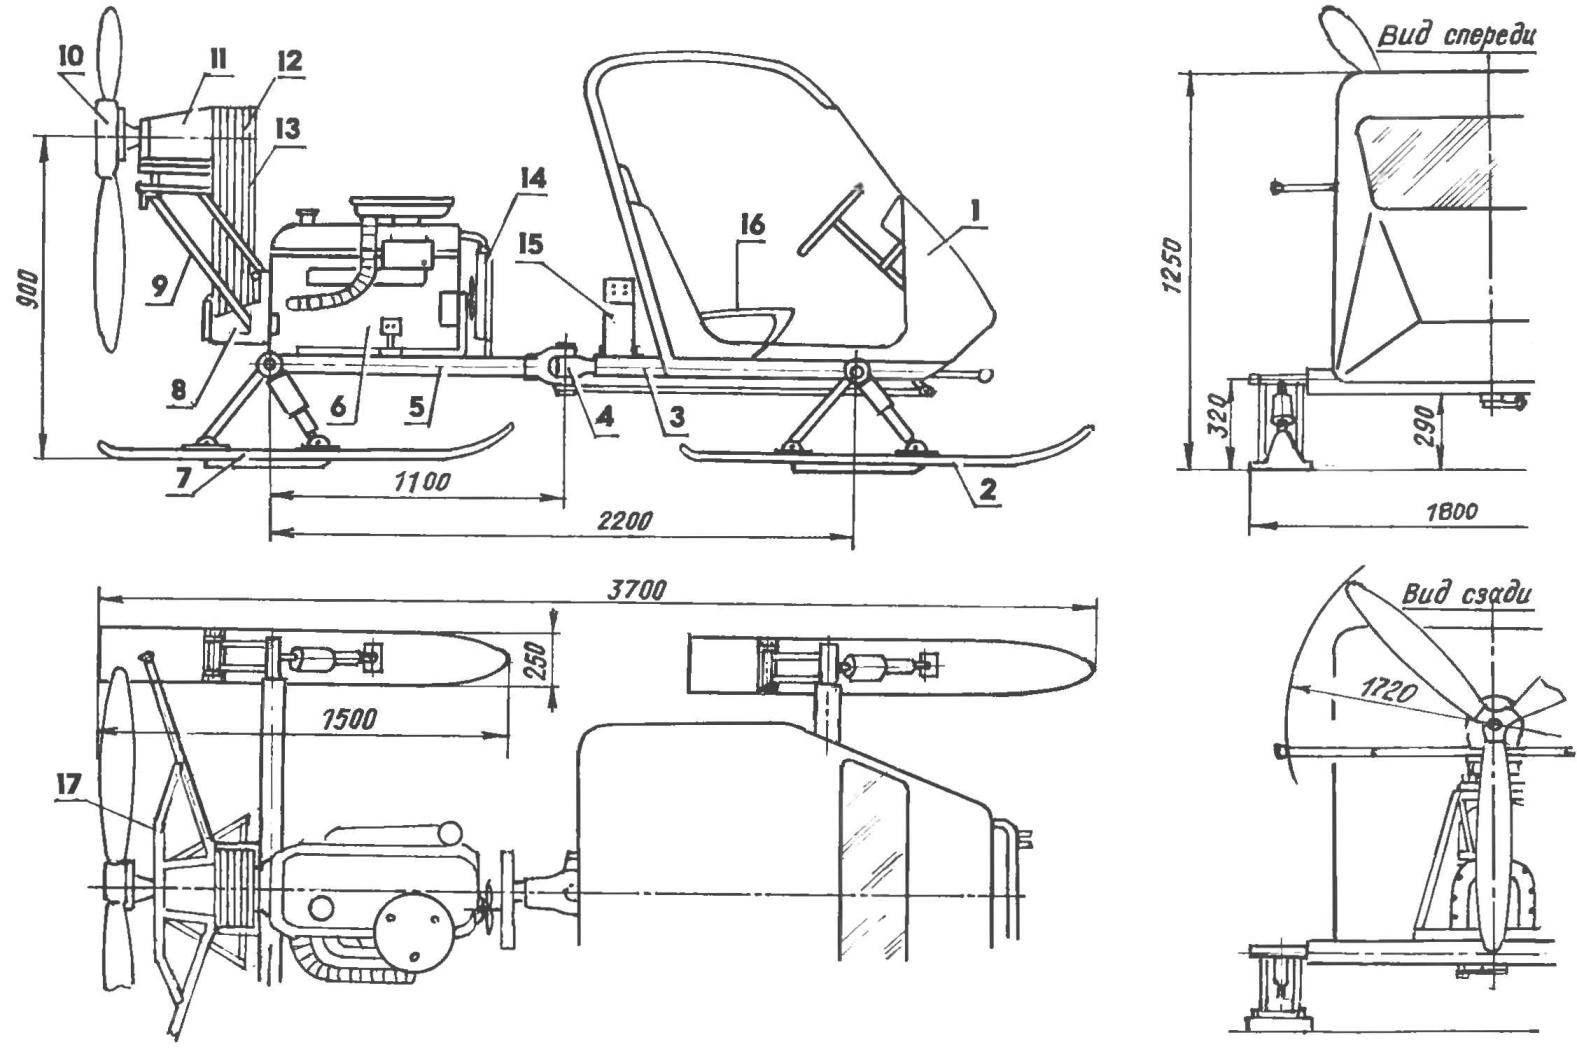 Компоновка и геометрическая схема аэросаней